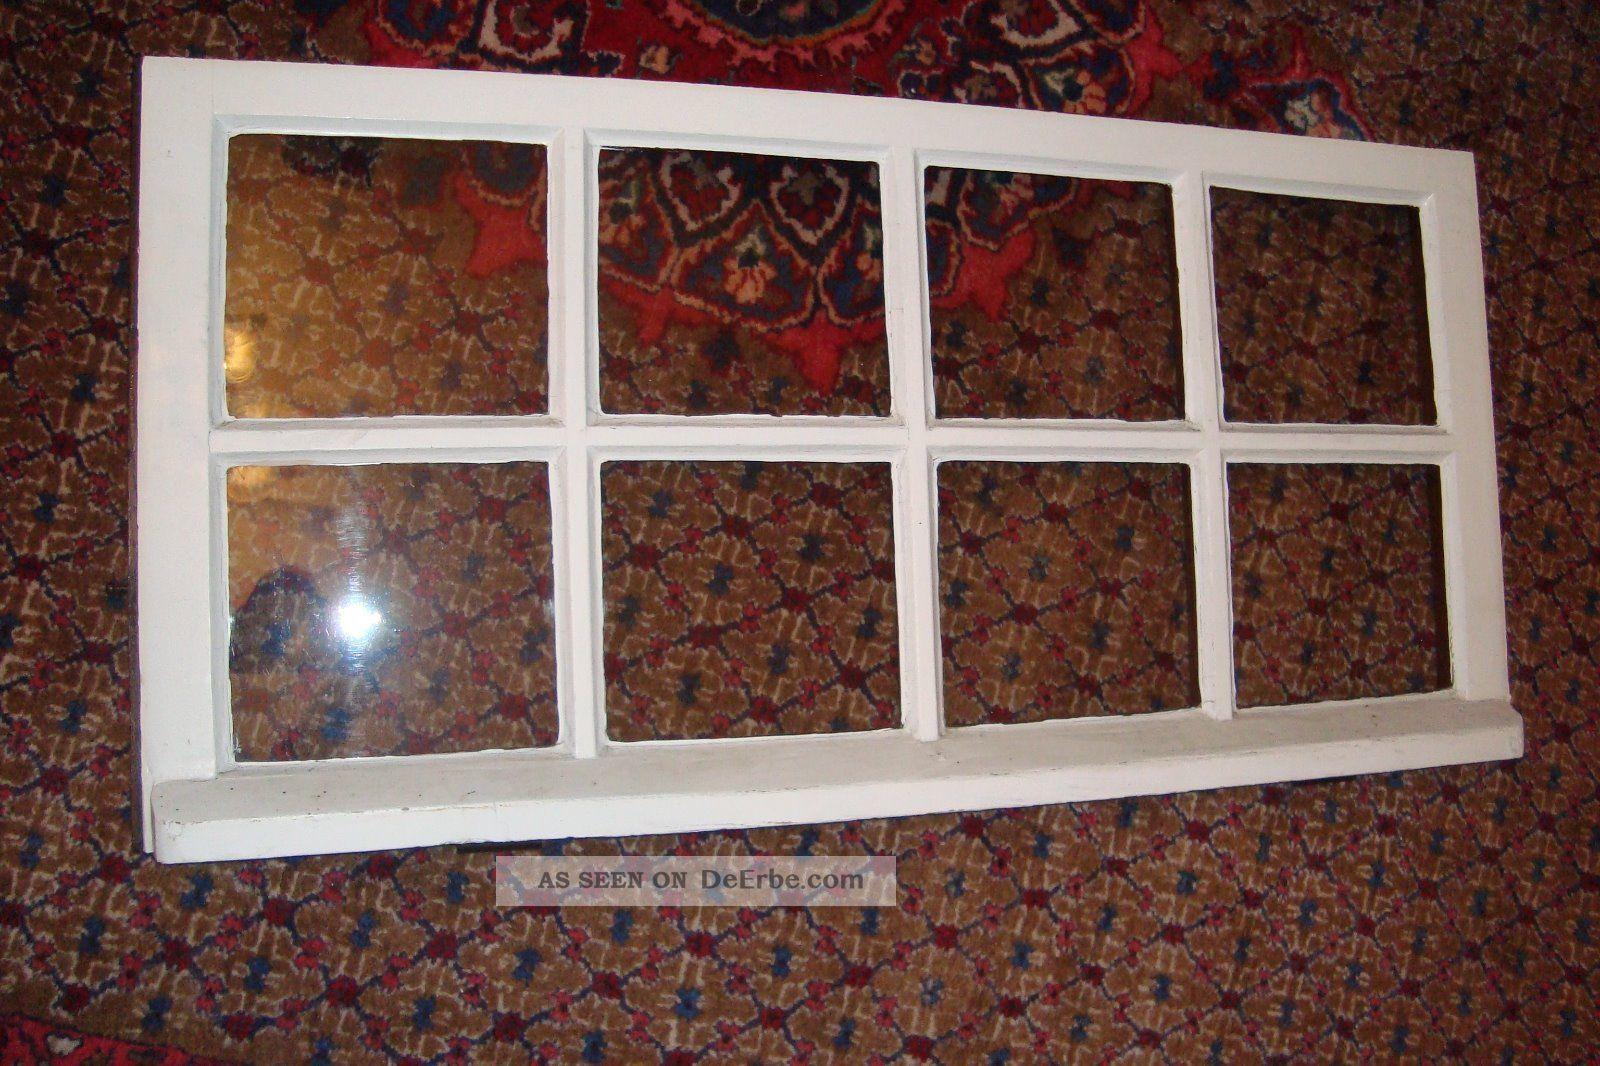 Altes fenster holzfenster eiche oberlicht handgezogen glas deko 1900 - Altes fenster deko ...